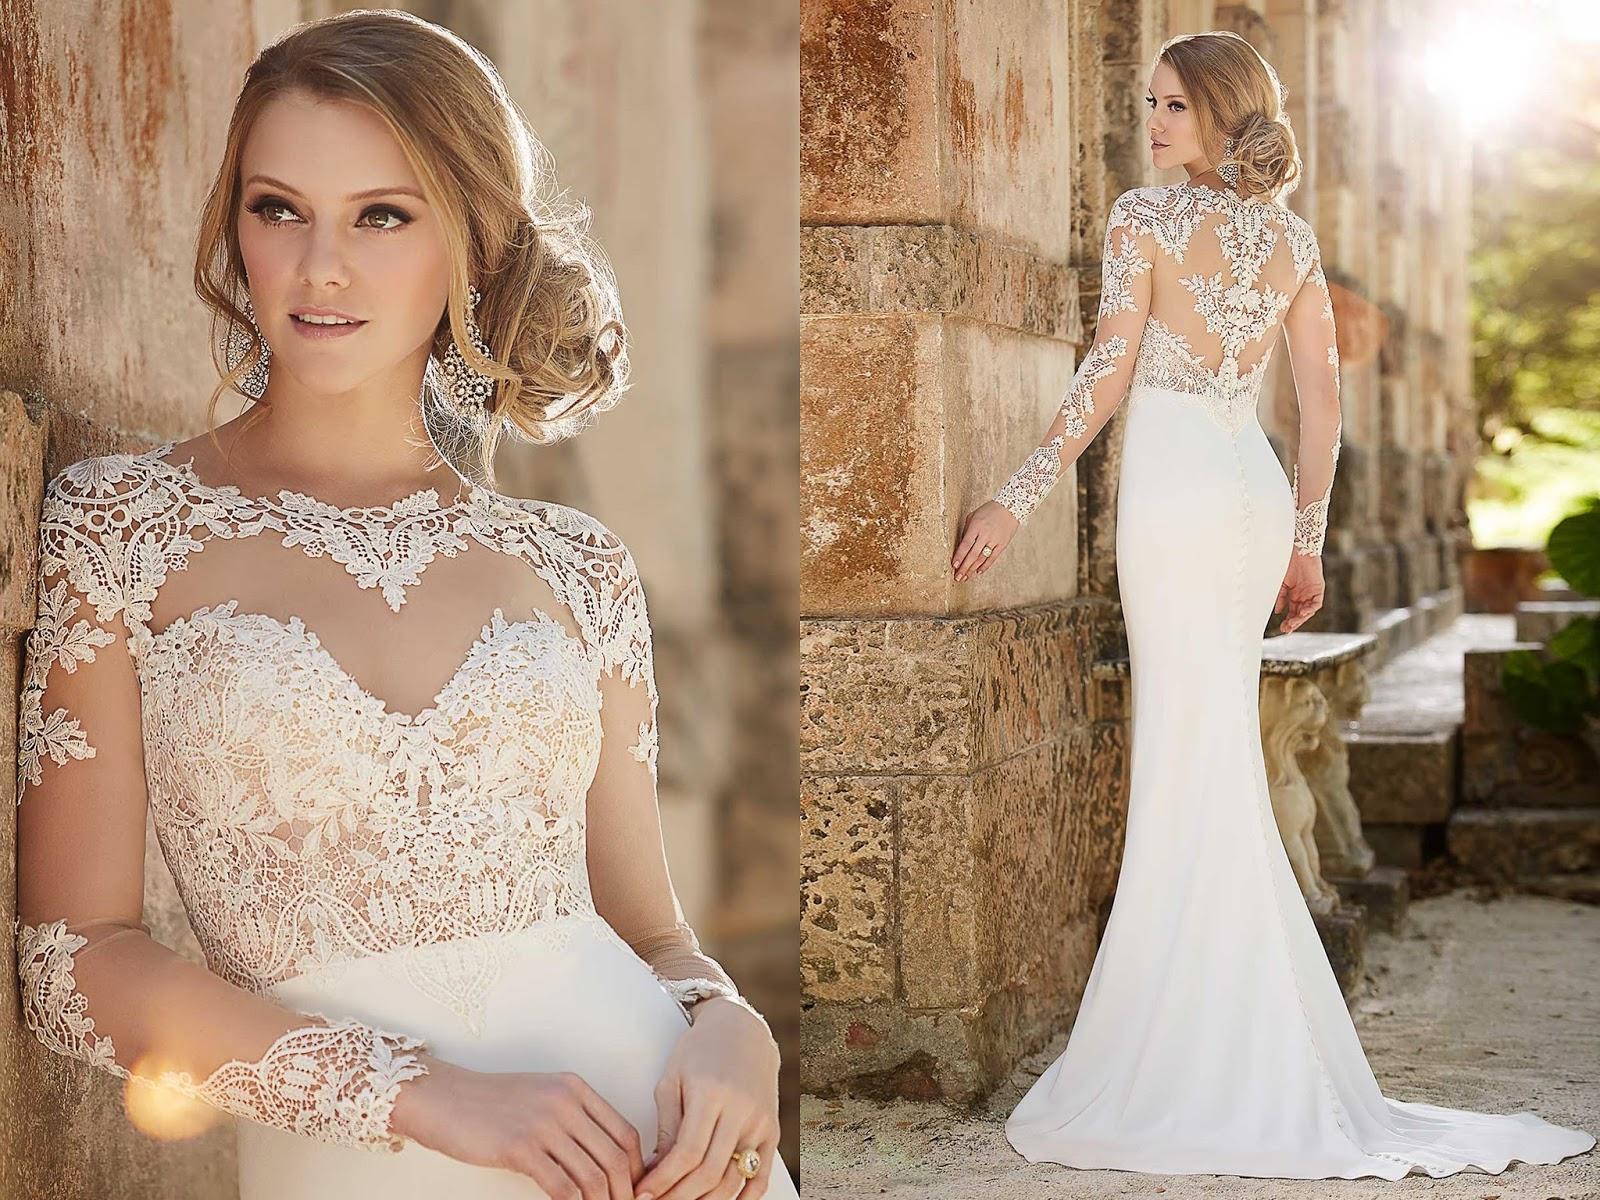 landybridal vintage lace wedding ivory wedding dress Landybridal Vintage Lace Wedding Dresses